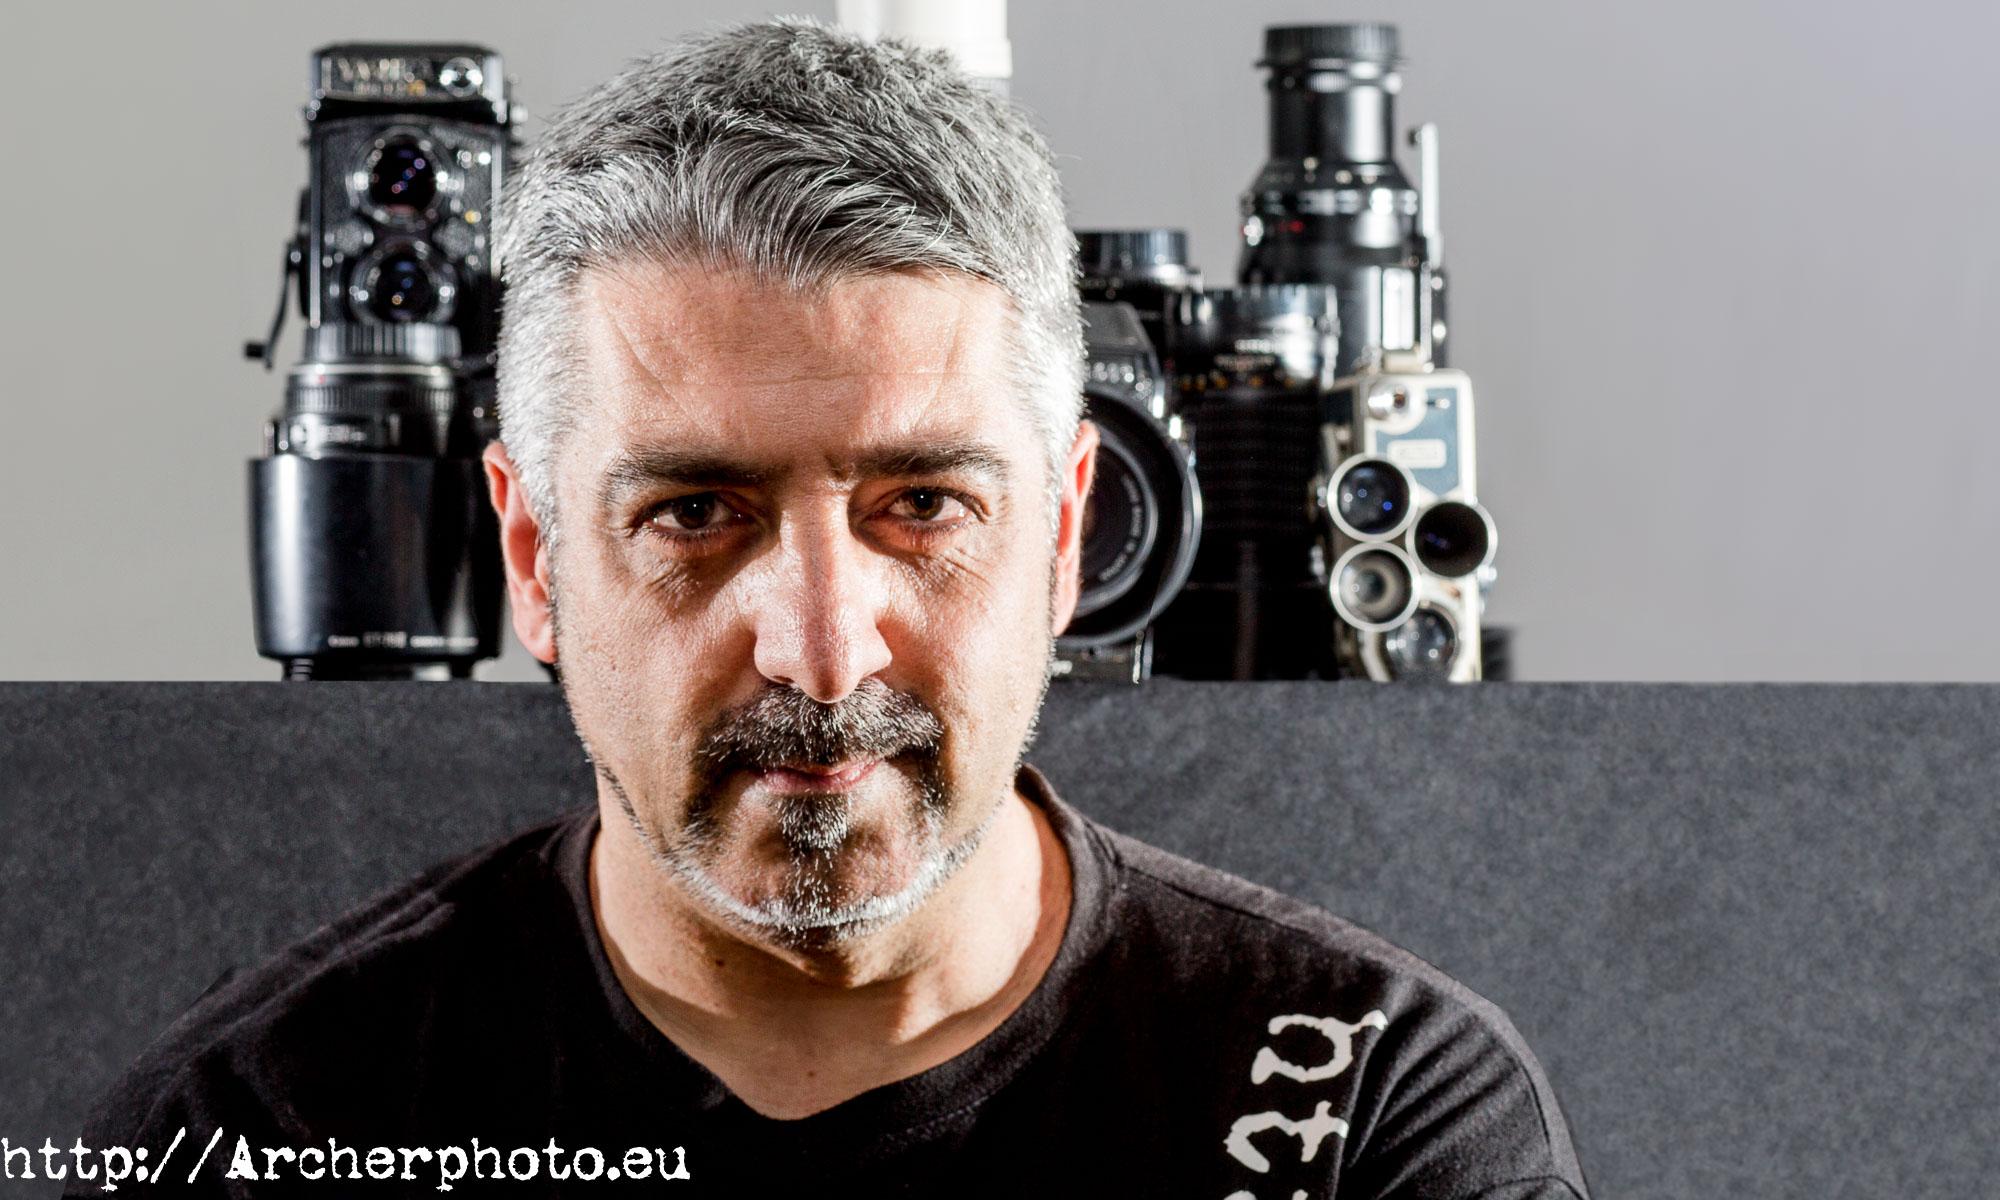 Sobre Archerphoto - Sergi Albir - Fotógrafo profesional en Valencia